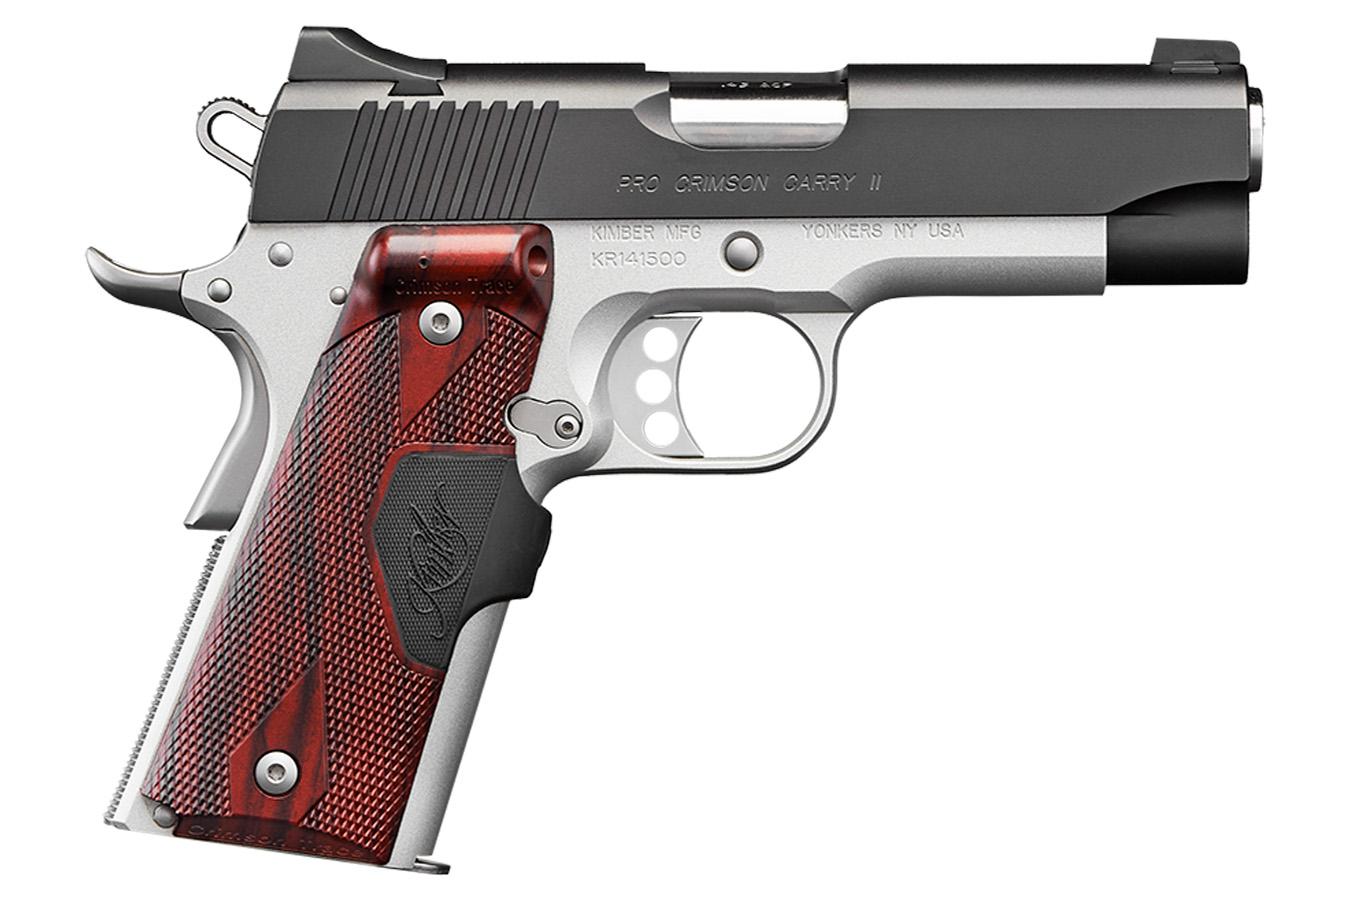 Pro Crimson Carry II 45 ACP 1911 Pistol with Crimson Trace Lasergrip